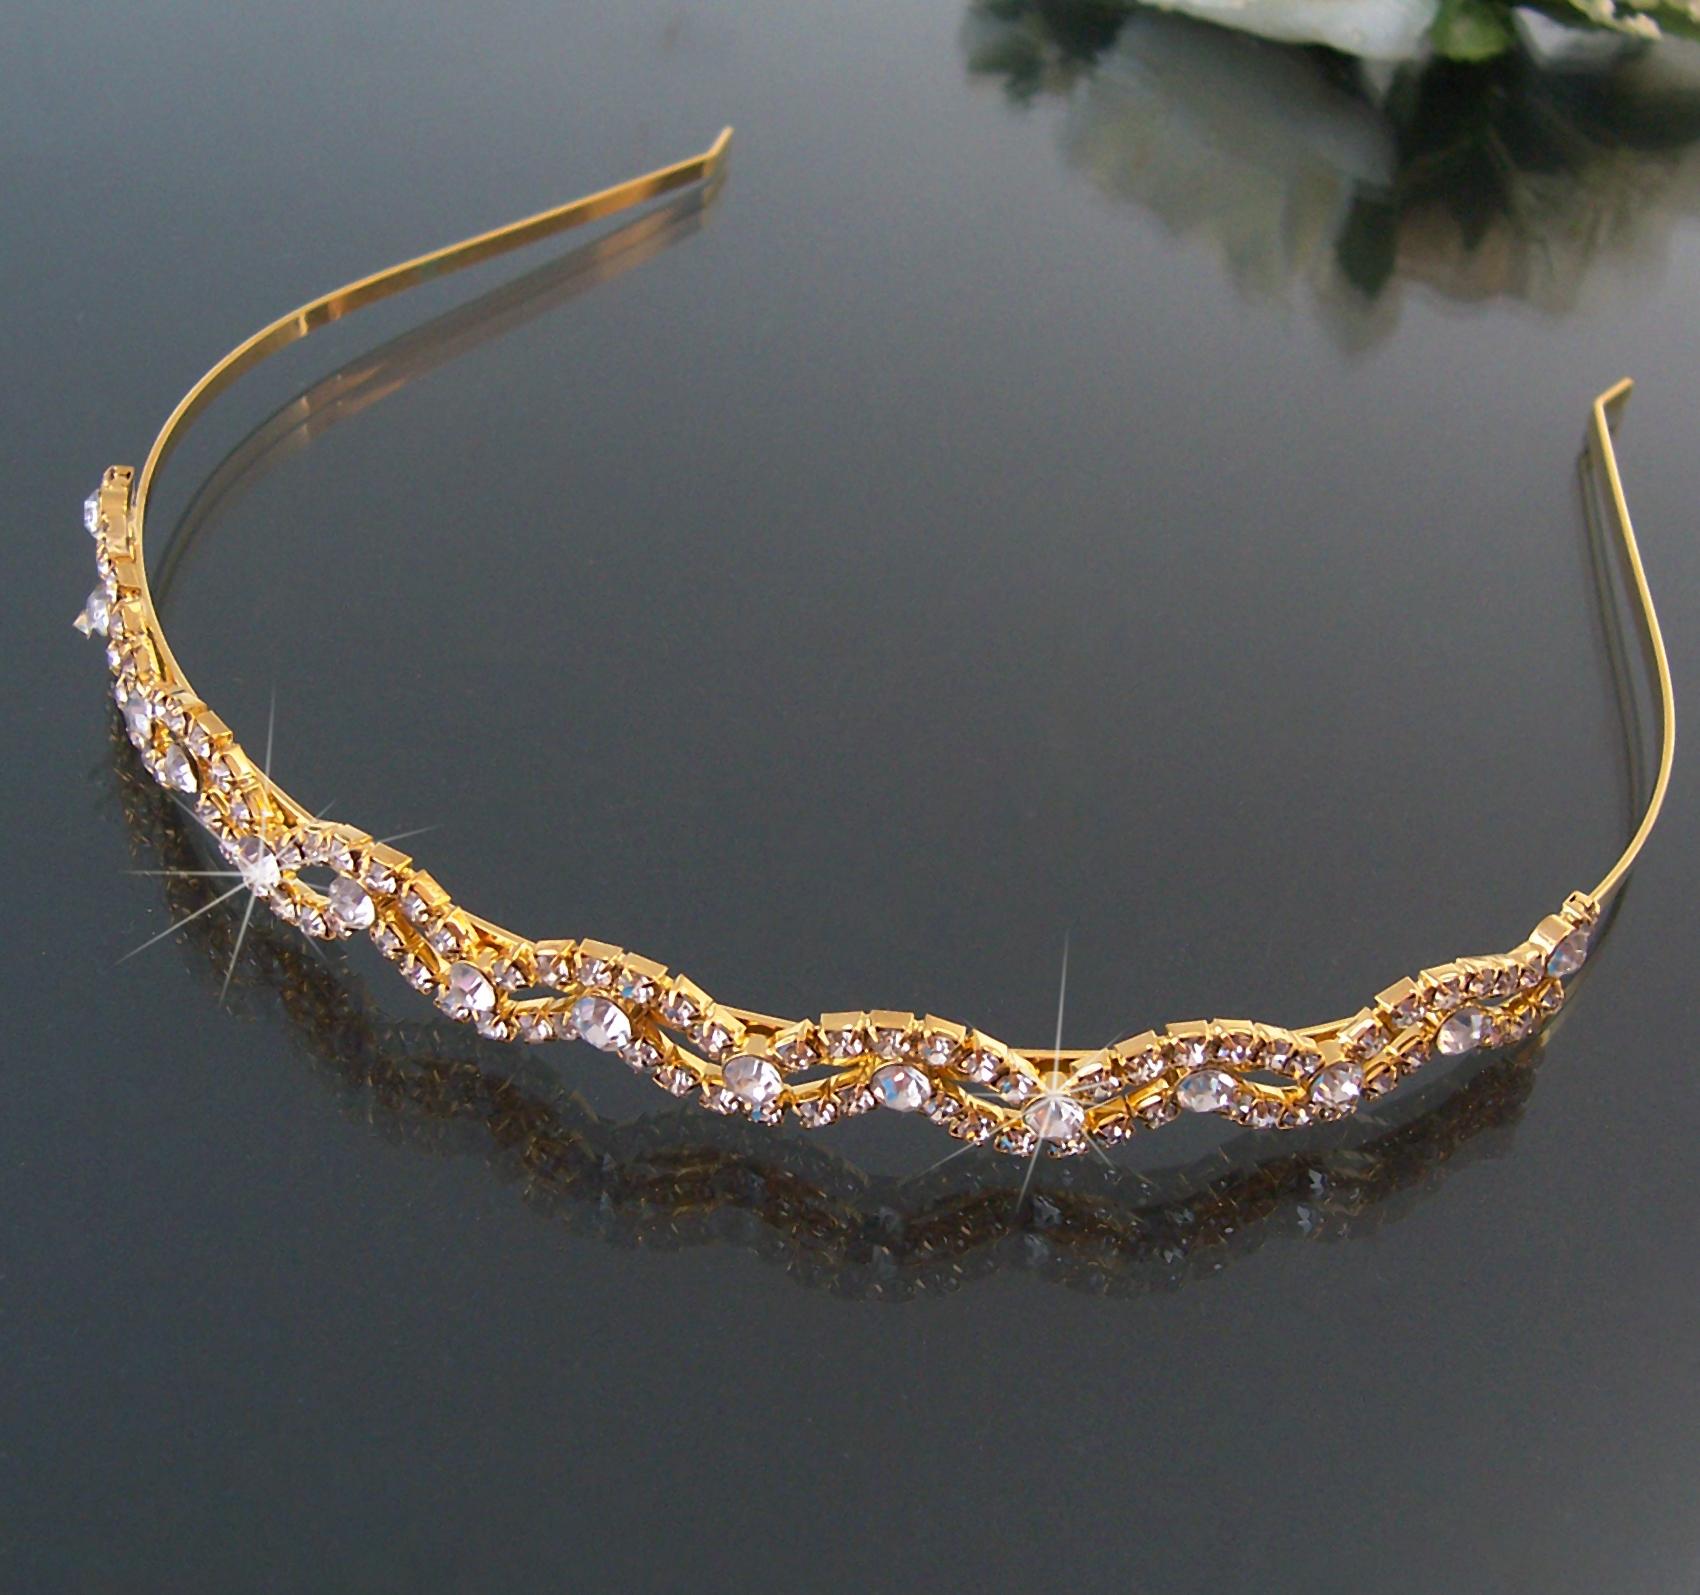 Tiara Diadem Haarreif 12mm Kommunion Hochzeit Schmuck Braut Gold Strass H2801